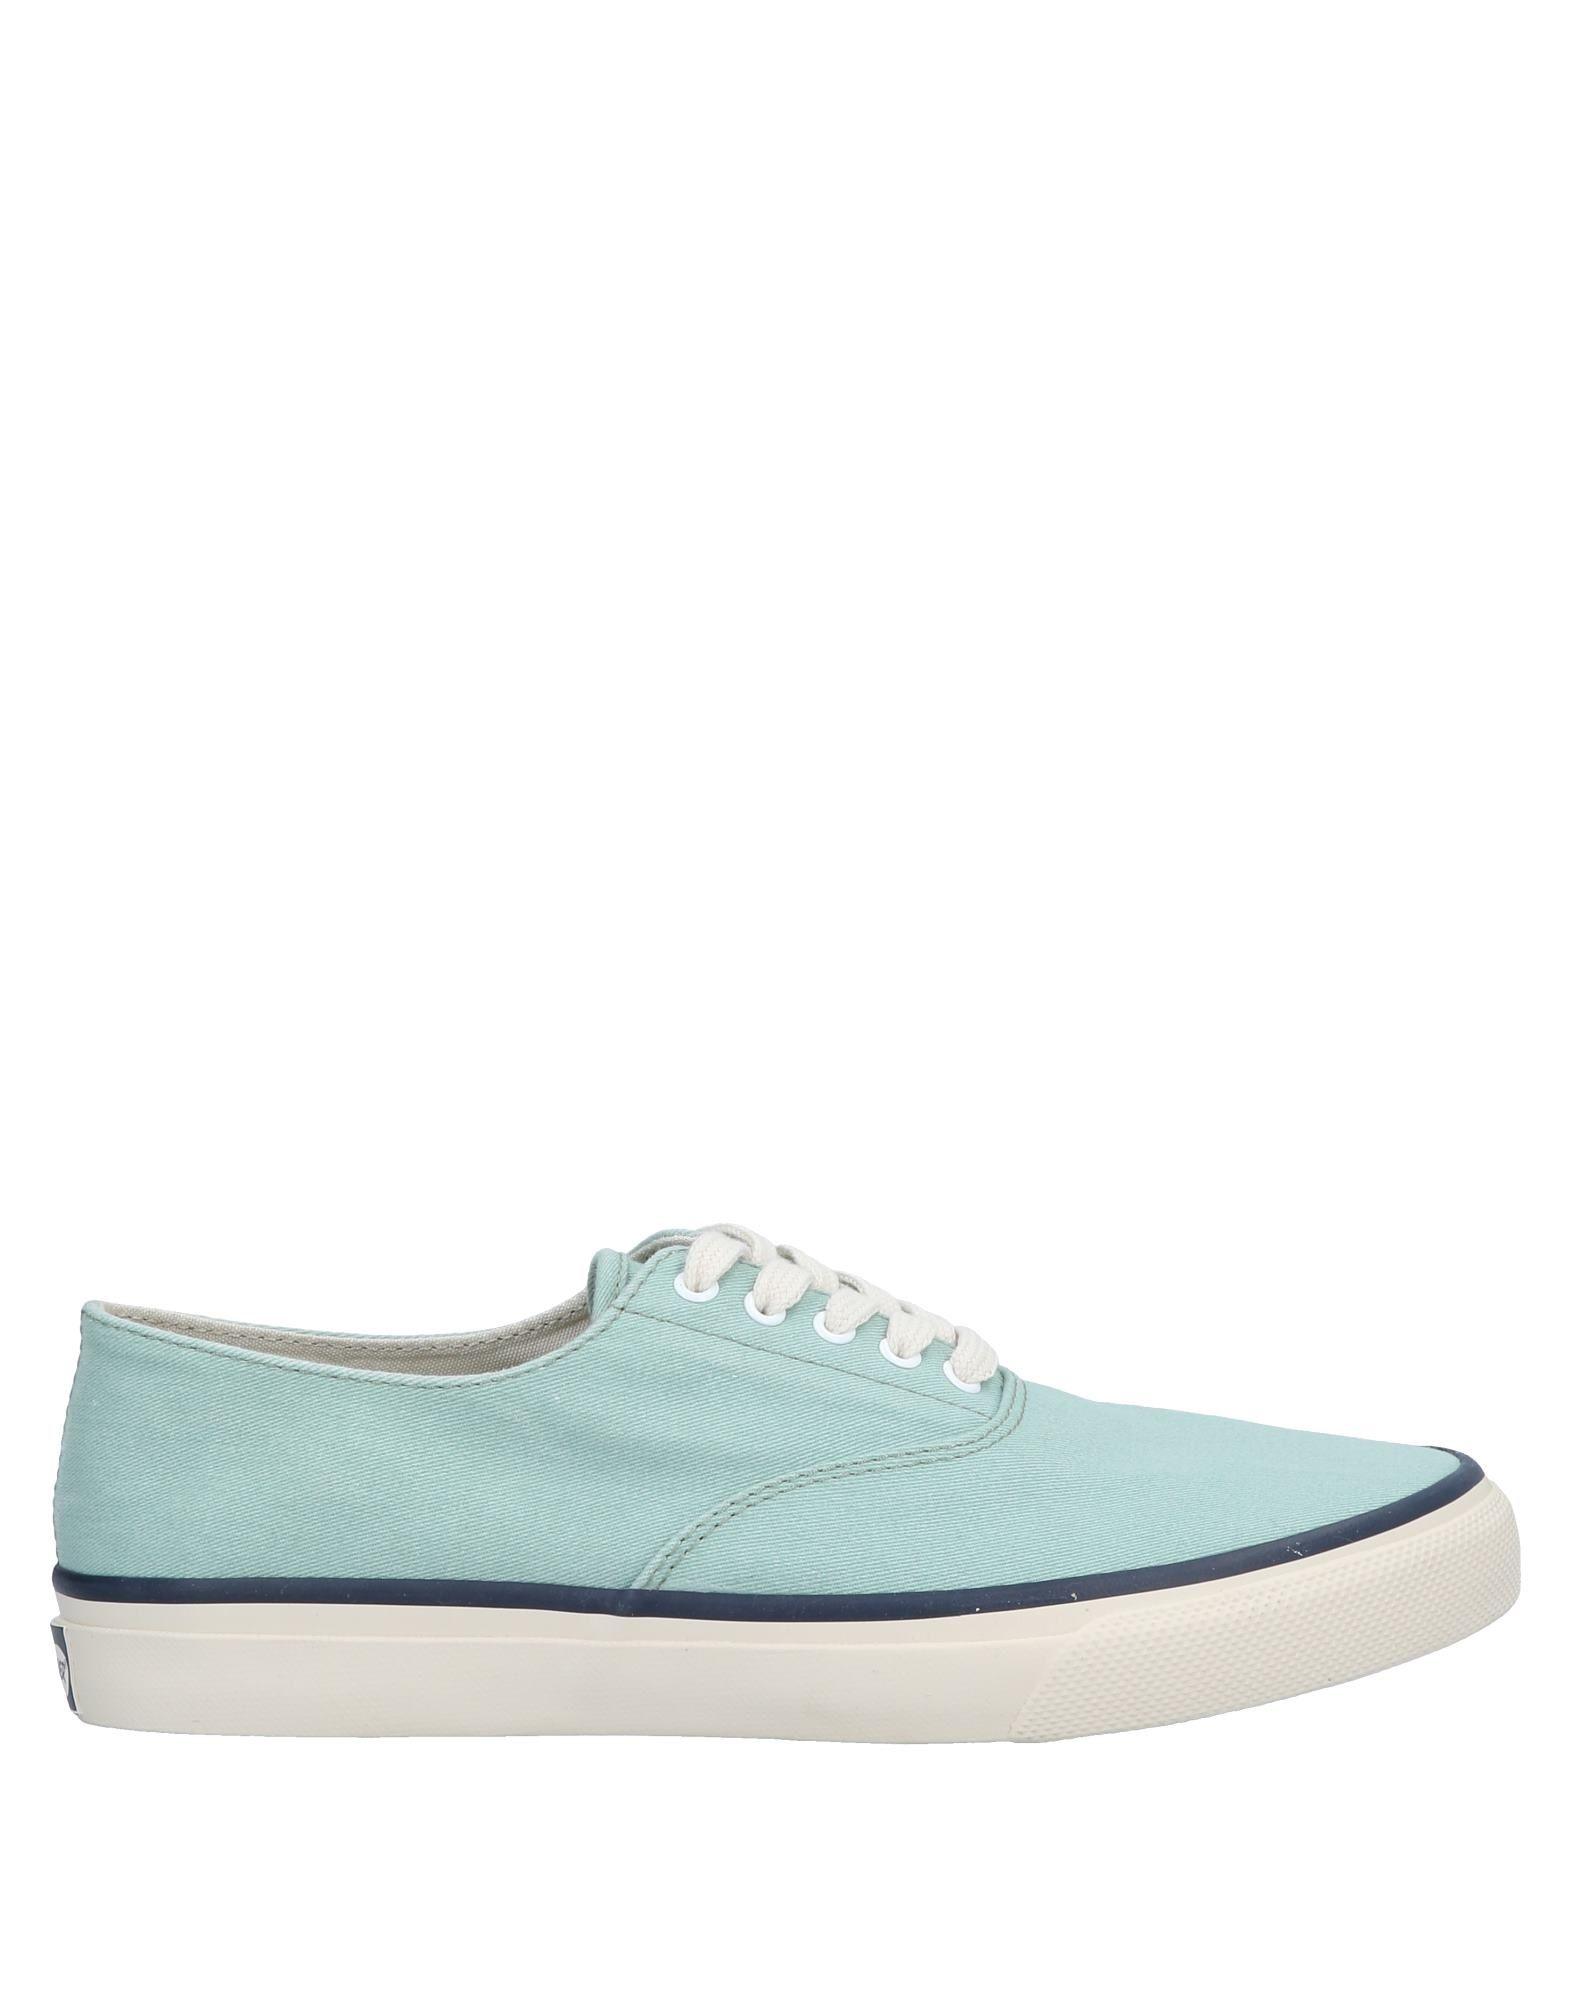 Sperry Top-Sider Sneakers Sneakers - Men Sperry Top-Sider Sneakers Sneakers online on  Canada - 11570650NO 397531